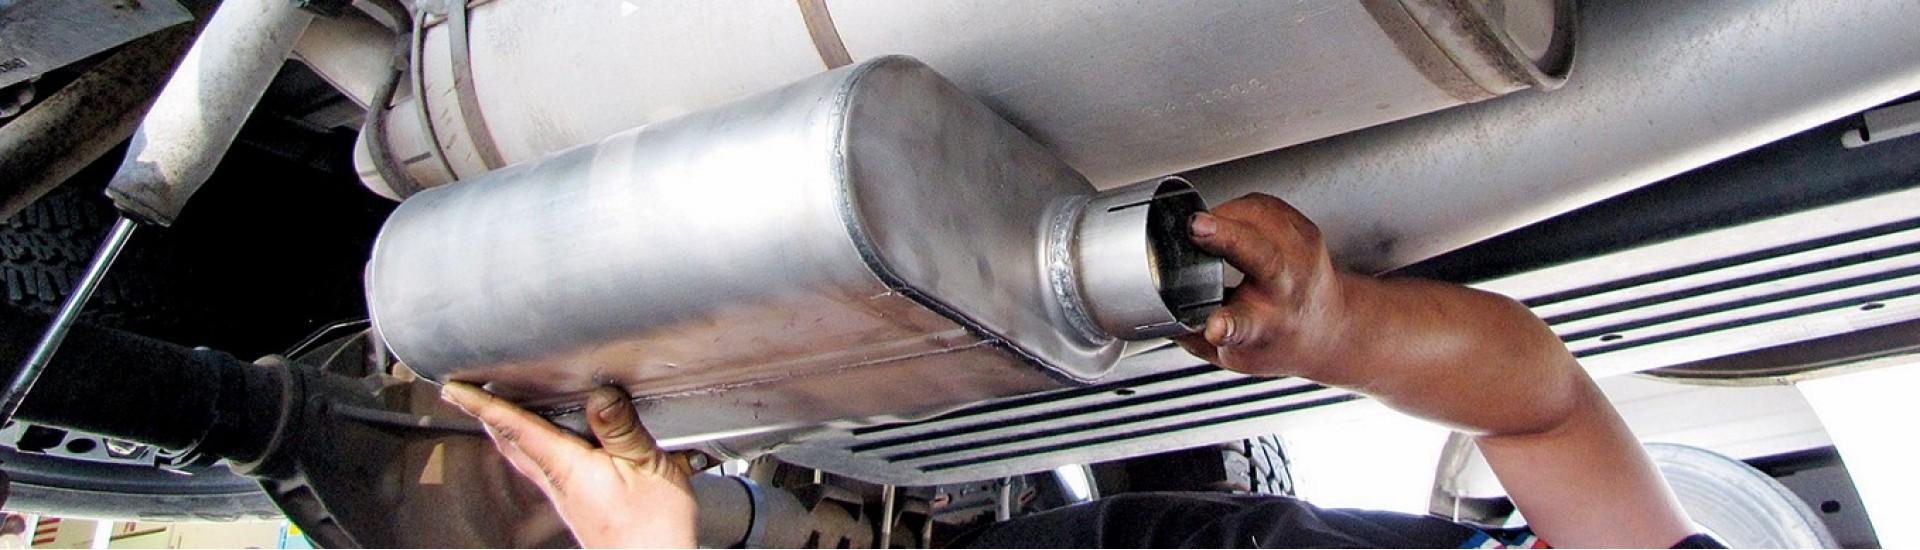 قطعات اگزوز ، لوازم اگزوز ، قیمت قطعات اگزوز، exhaust parts